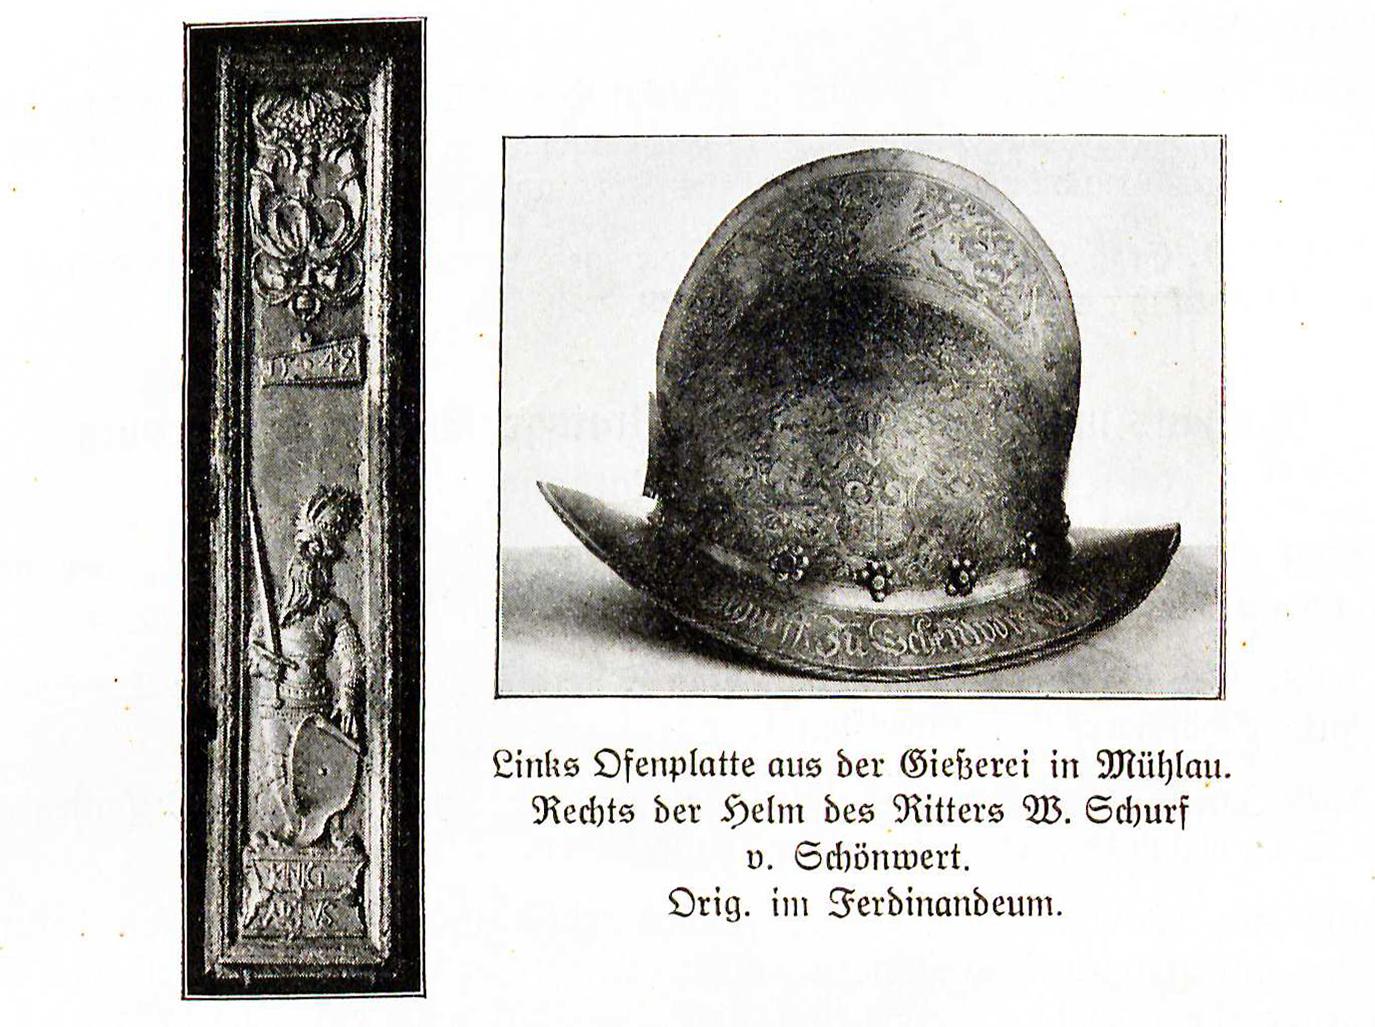 Gießerei Plattnerei Mühlau ca 1500